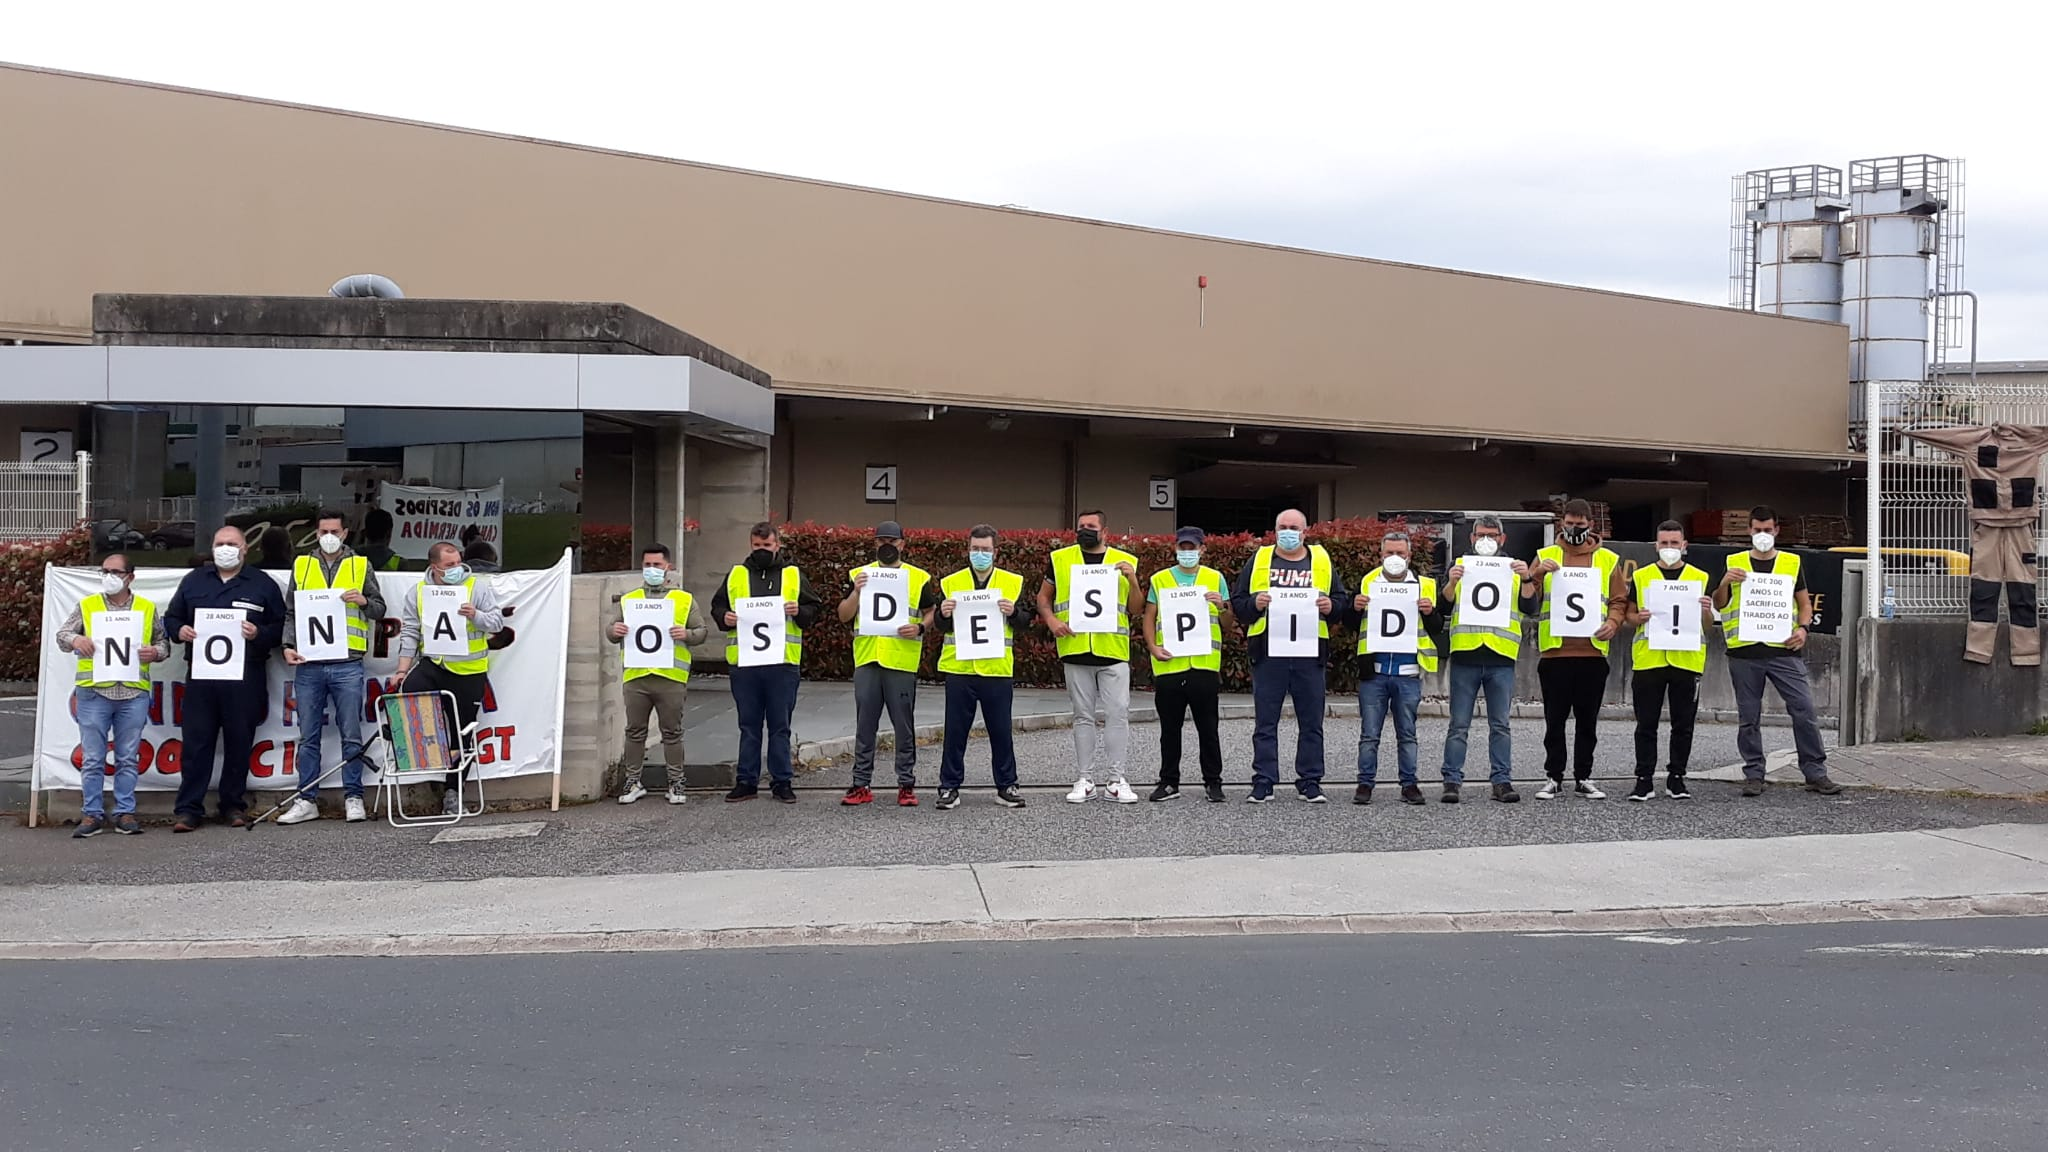 Los trabajadores protestan contra los despidos en Cándido Hermida / CIG